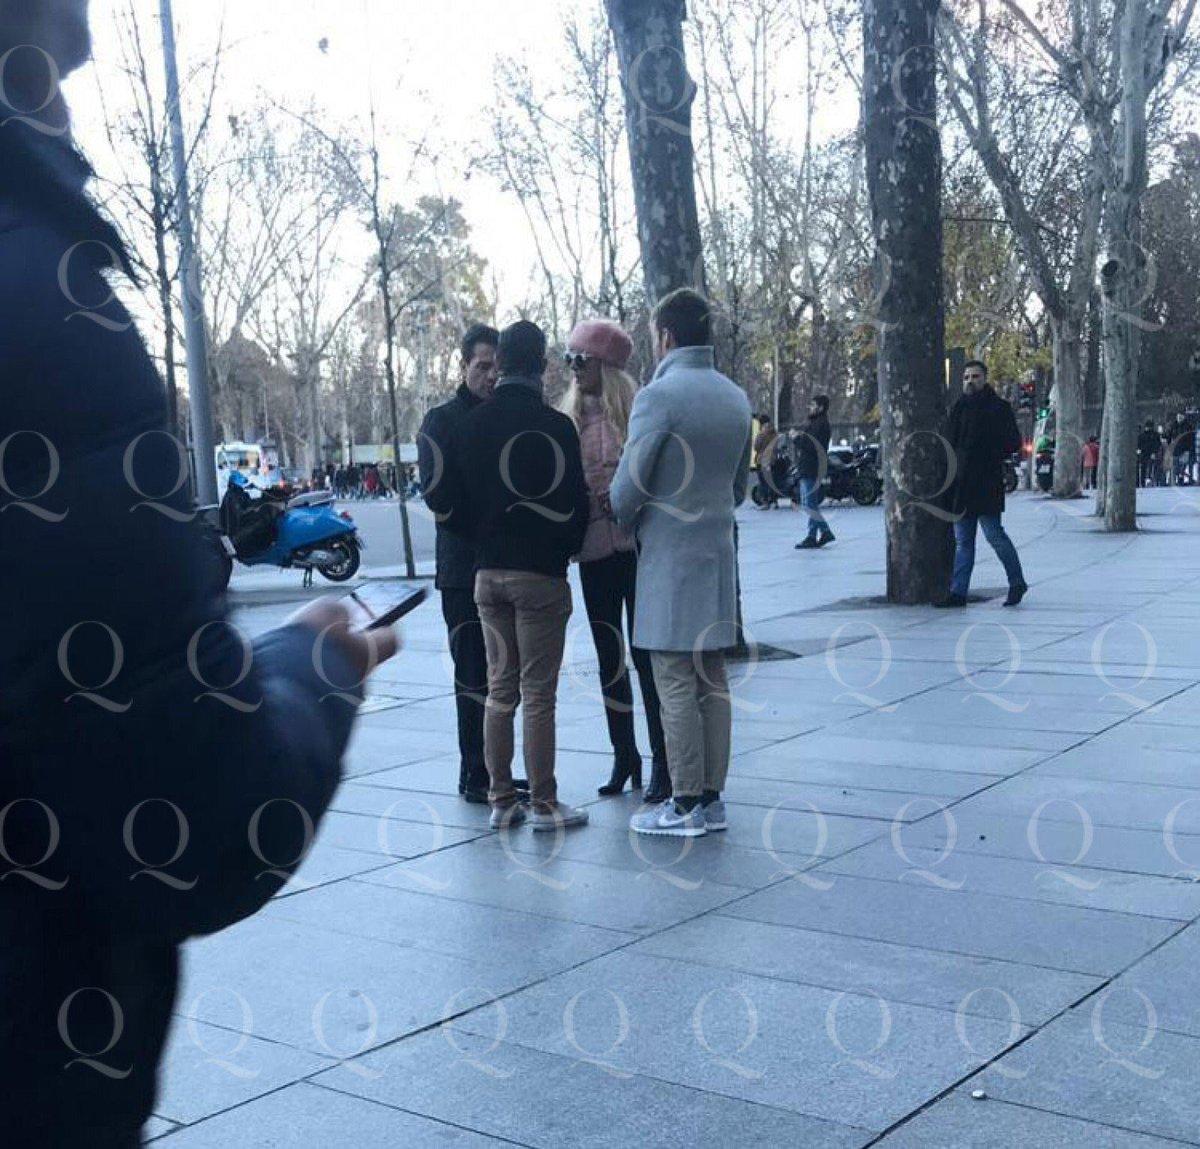 Lo que sorprende no es que Peña Nieto dejara  a La Gaviota (sabíamos que solo tenía contrato de Televisa para fingir durante el sexenio), sino que se buscara a otra fémina cuando se especula que se le tuerce la reversa. ¿Acaso su nueva pareja será como Miss España? #Nopalneando